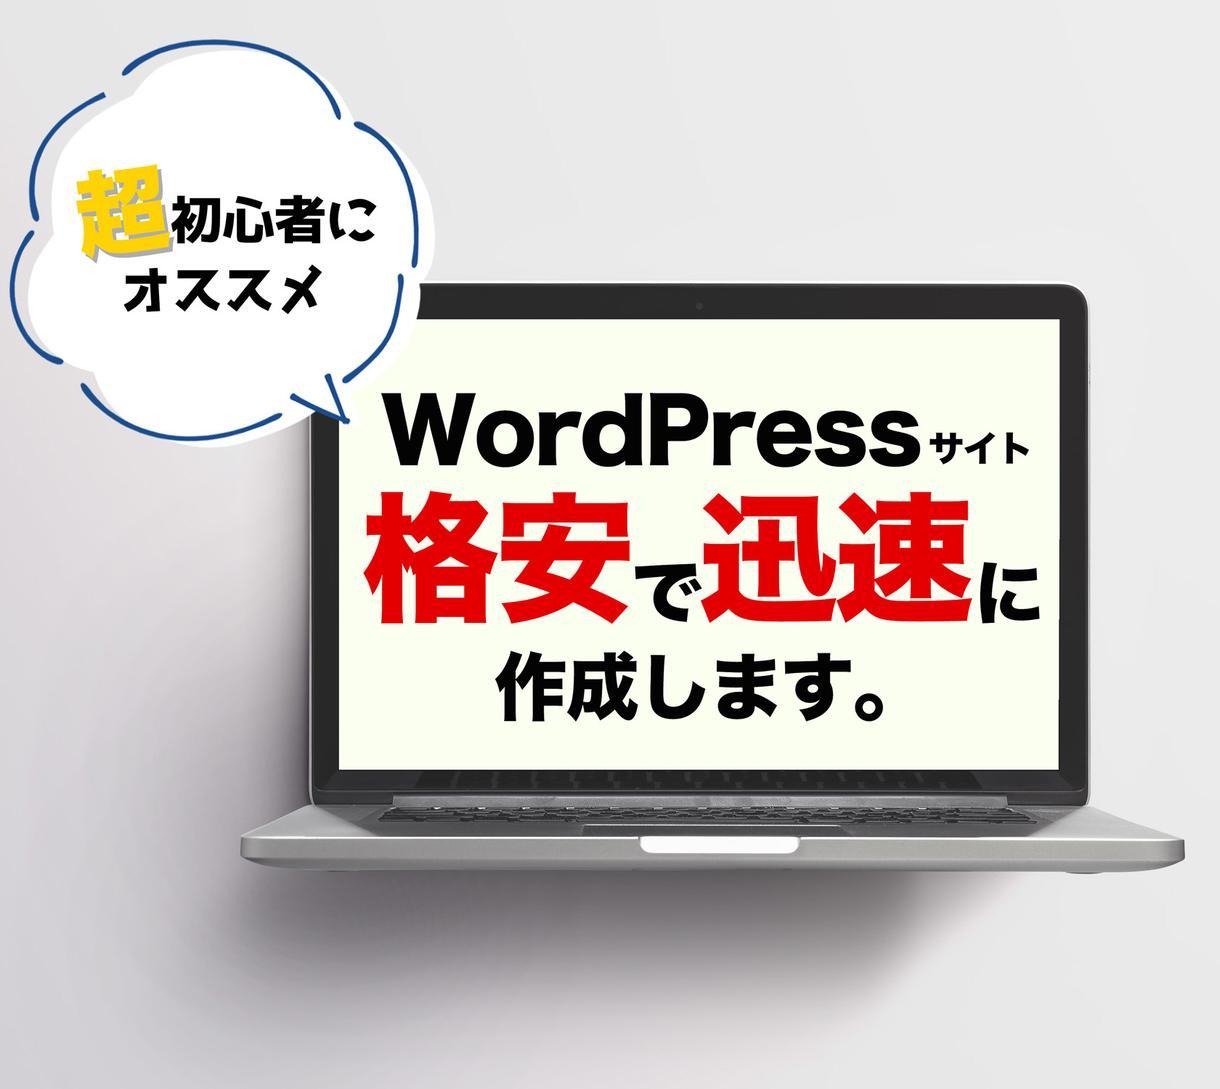 初心者おすすめ!WordPressサイト作成します 迅速・安価でブログ・サイト作成します。 イメージ1